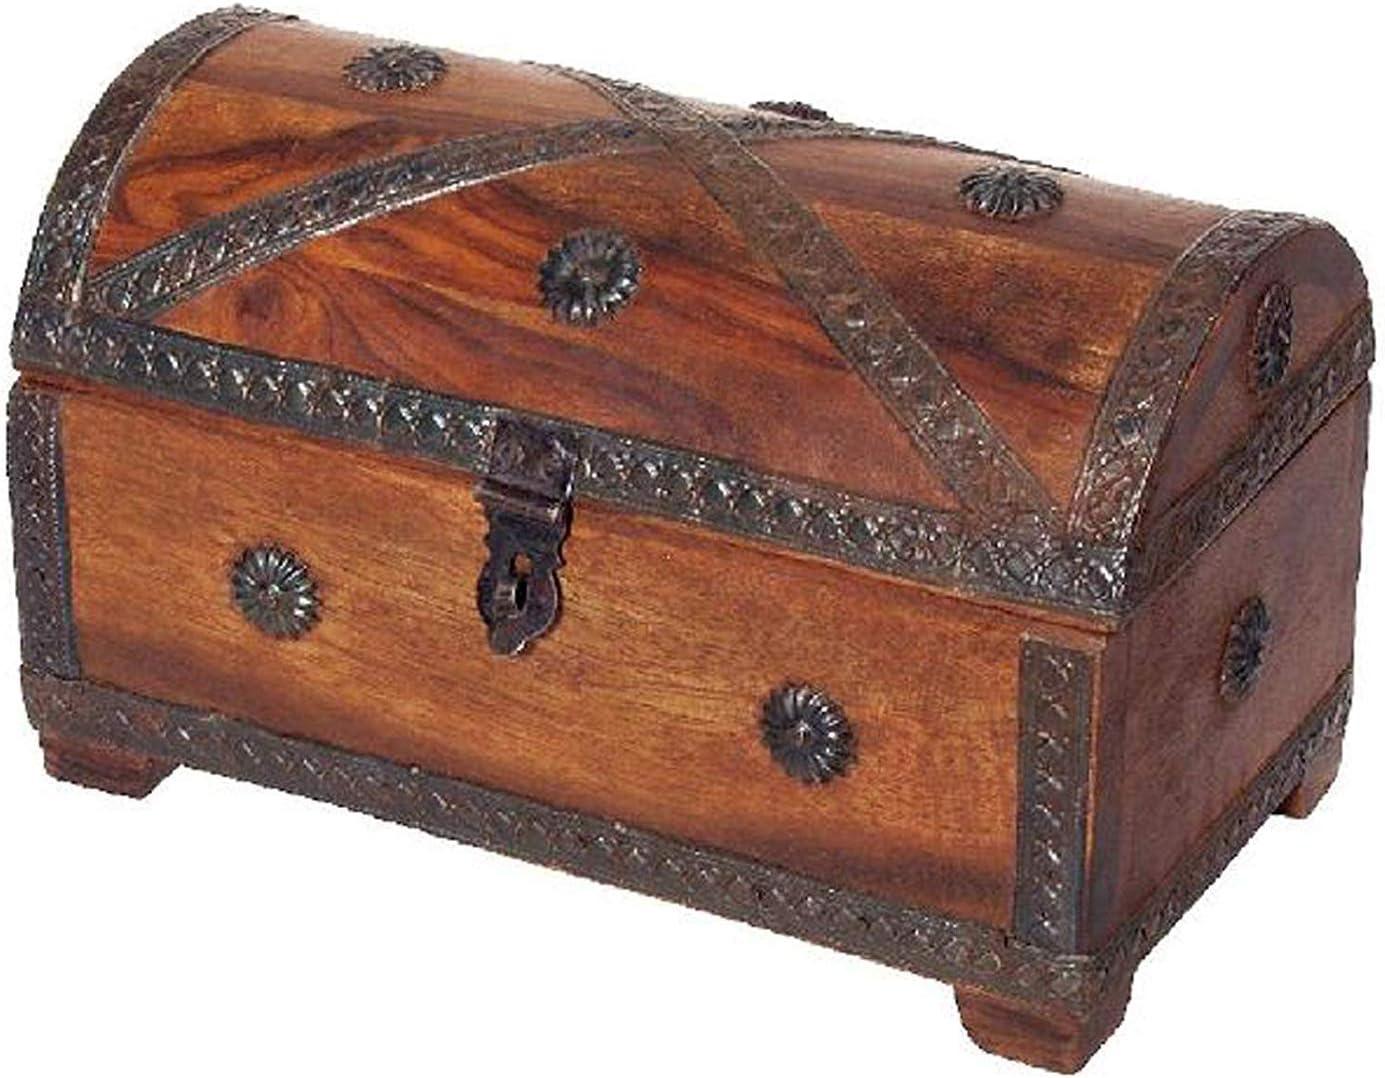 Art.-Nr 23 cm breit 107178 Bartl Holztruhe Schatztruhe Piratenkiste aus Massivholz